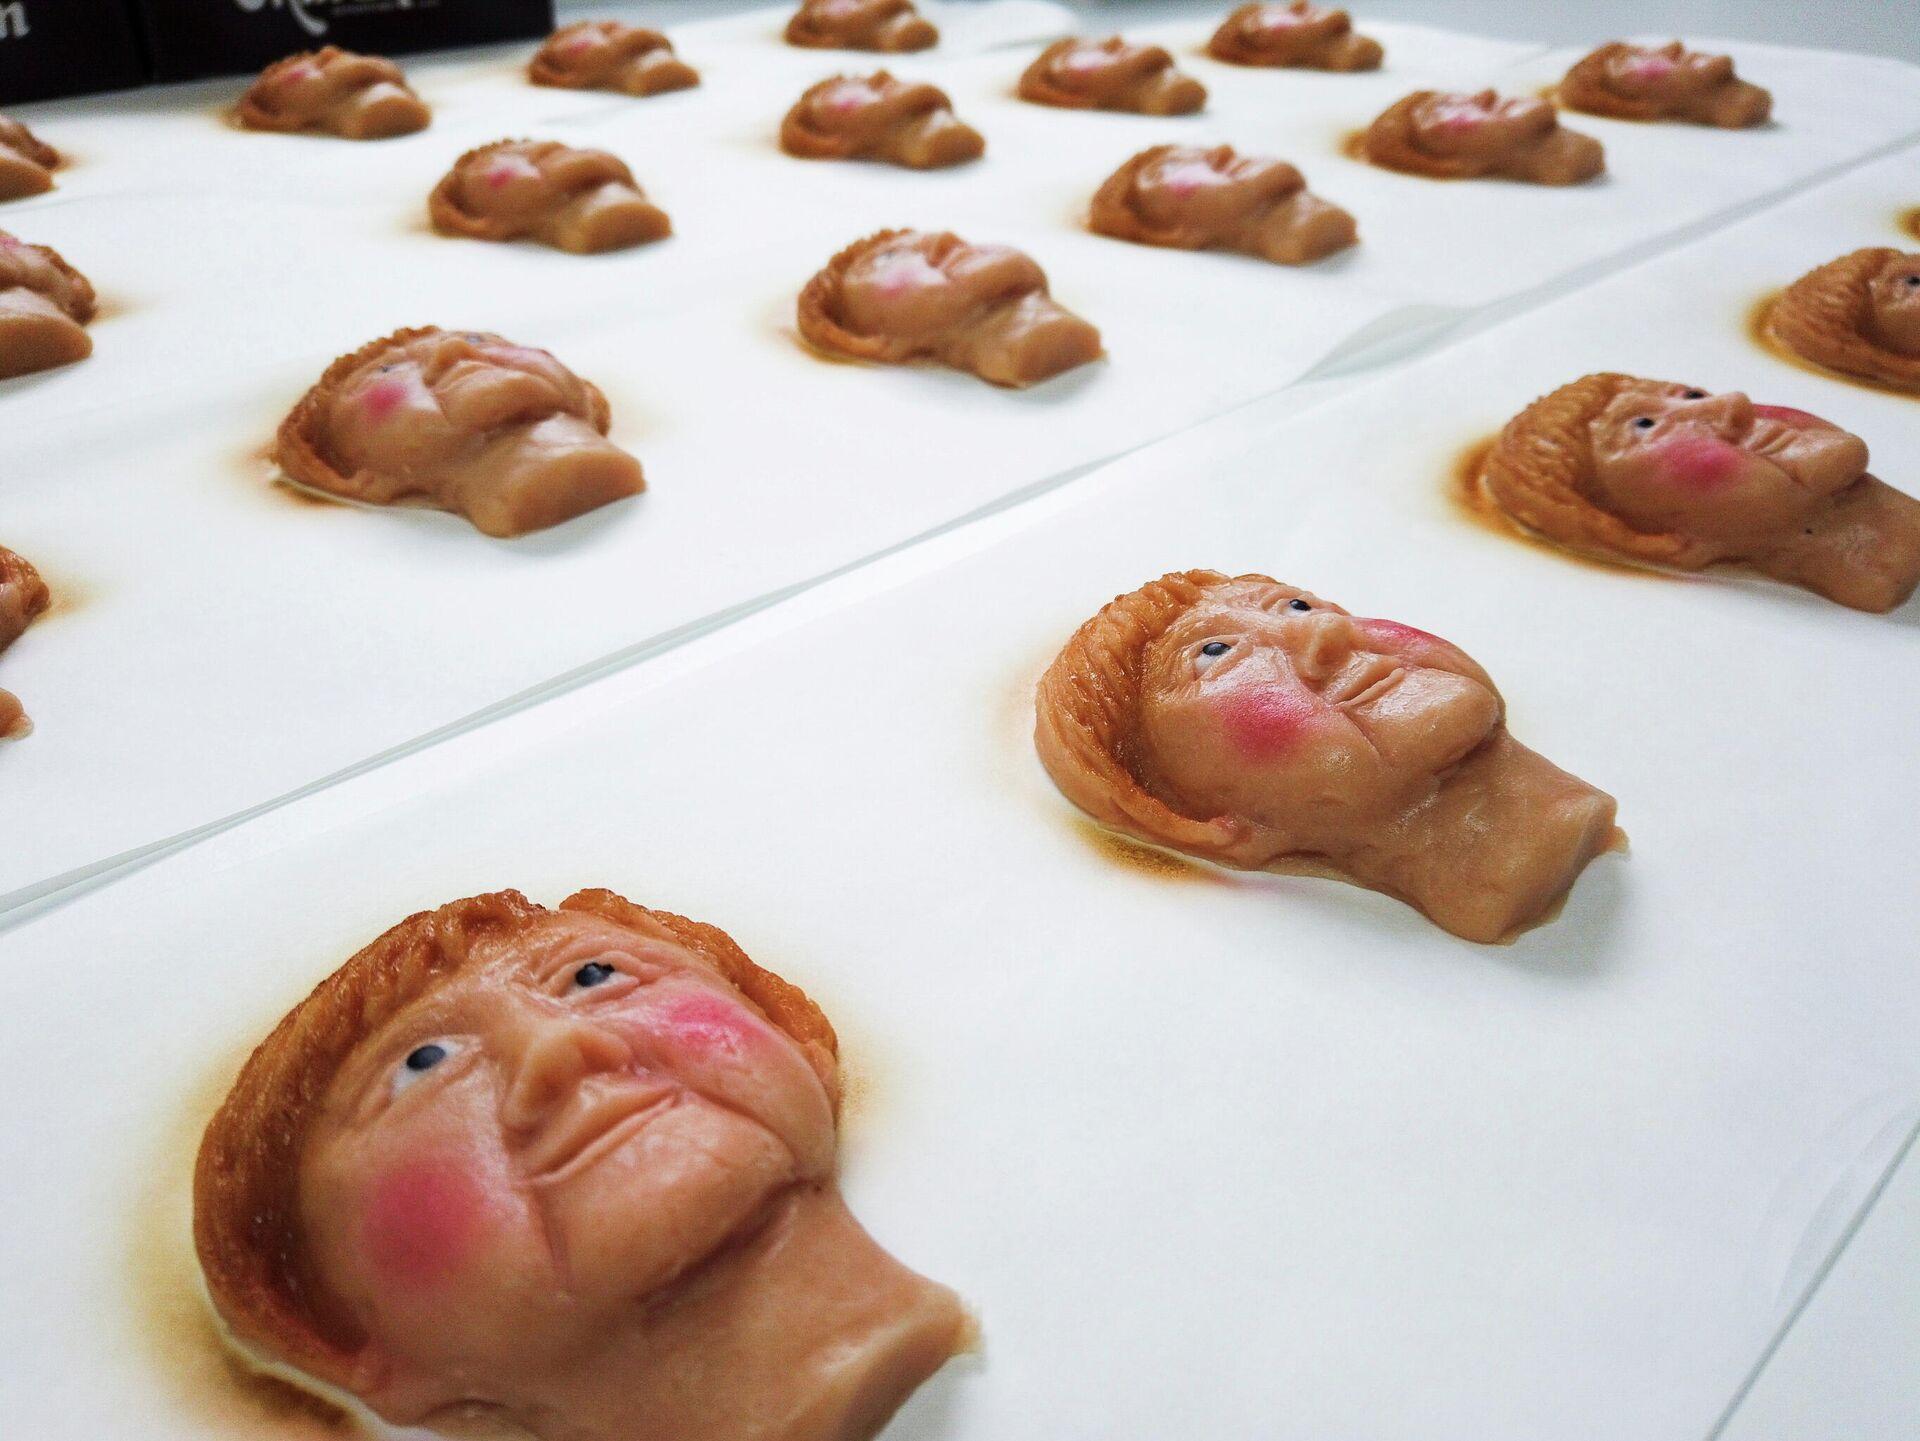 Марципановое печенье с изображением канцлера Германии Ангелы Меркель - Sputnik Латвия, 1920, 21.09.2021